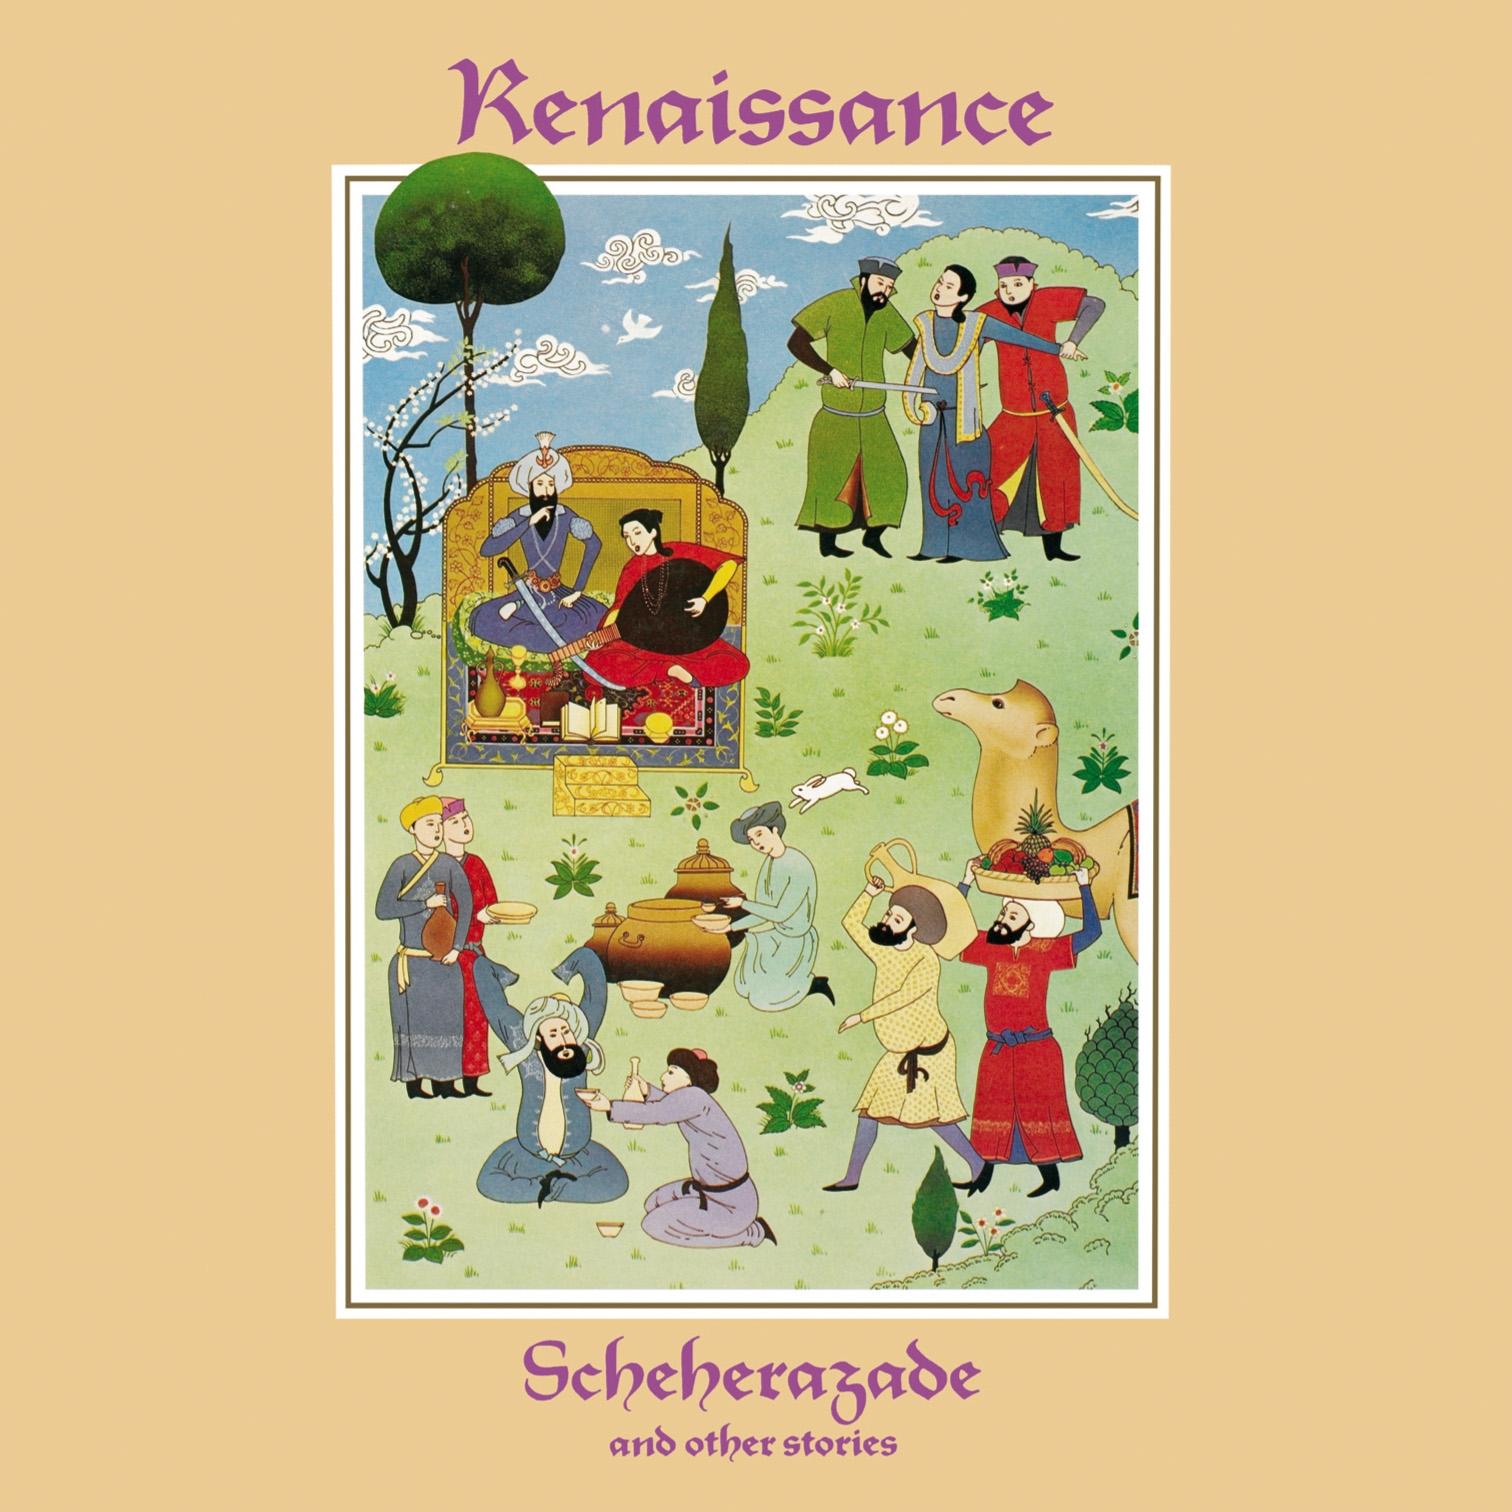 Renaissance – Scheherazade (Vinyl LP)